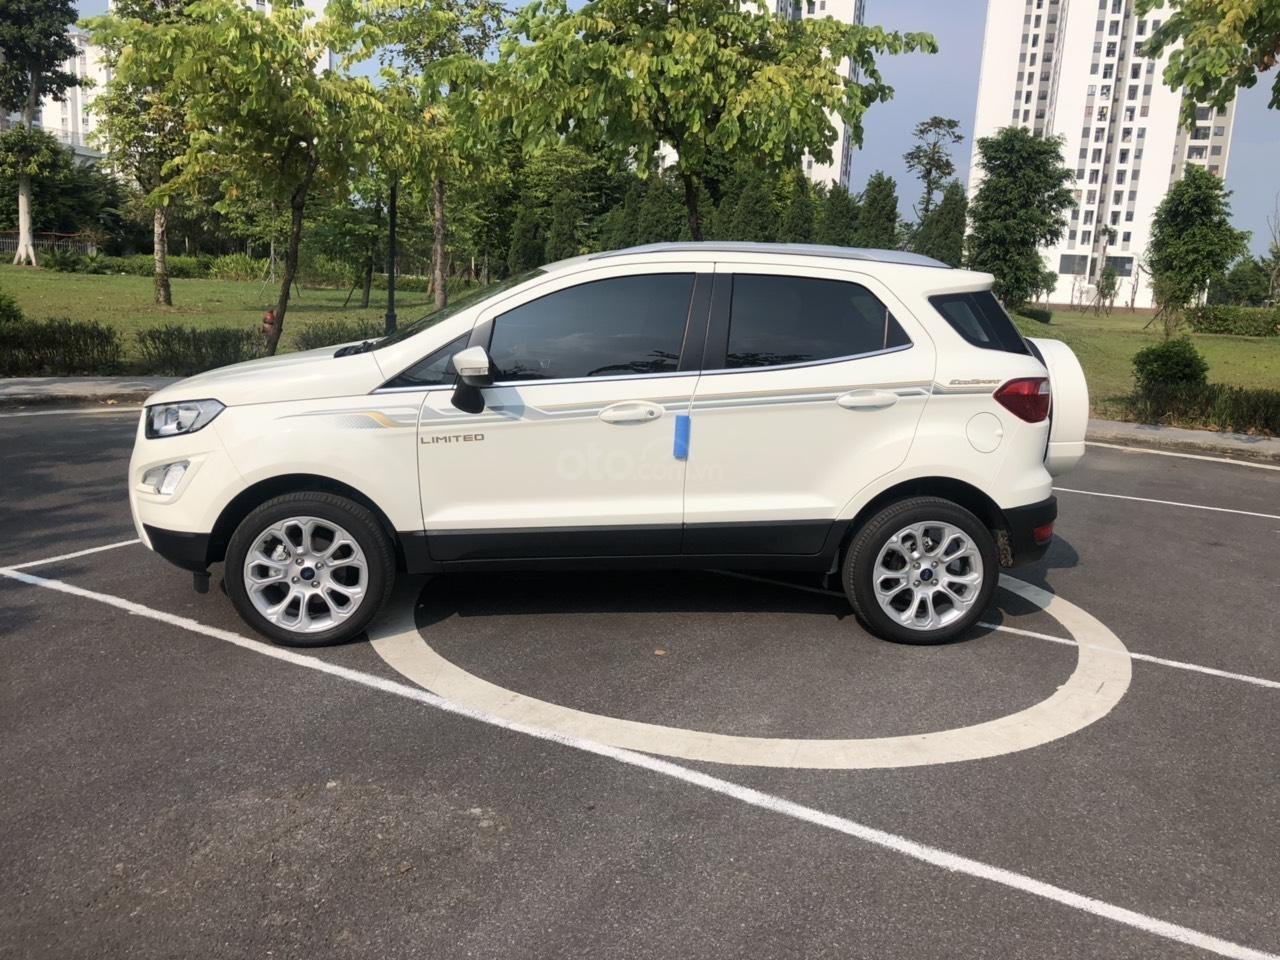 Bán xe Ford Ecosport Titanium 1.5L AT 2019, xe giao ngay, hỗ trợ các thủ tục, hỗ trợ trả góp 80% (2)